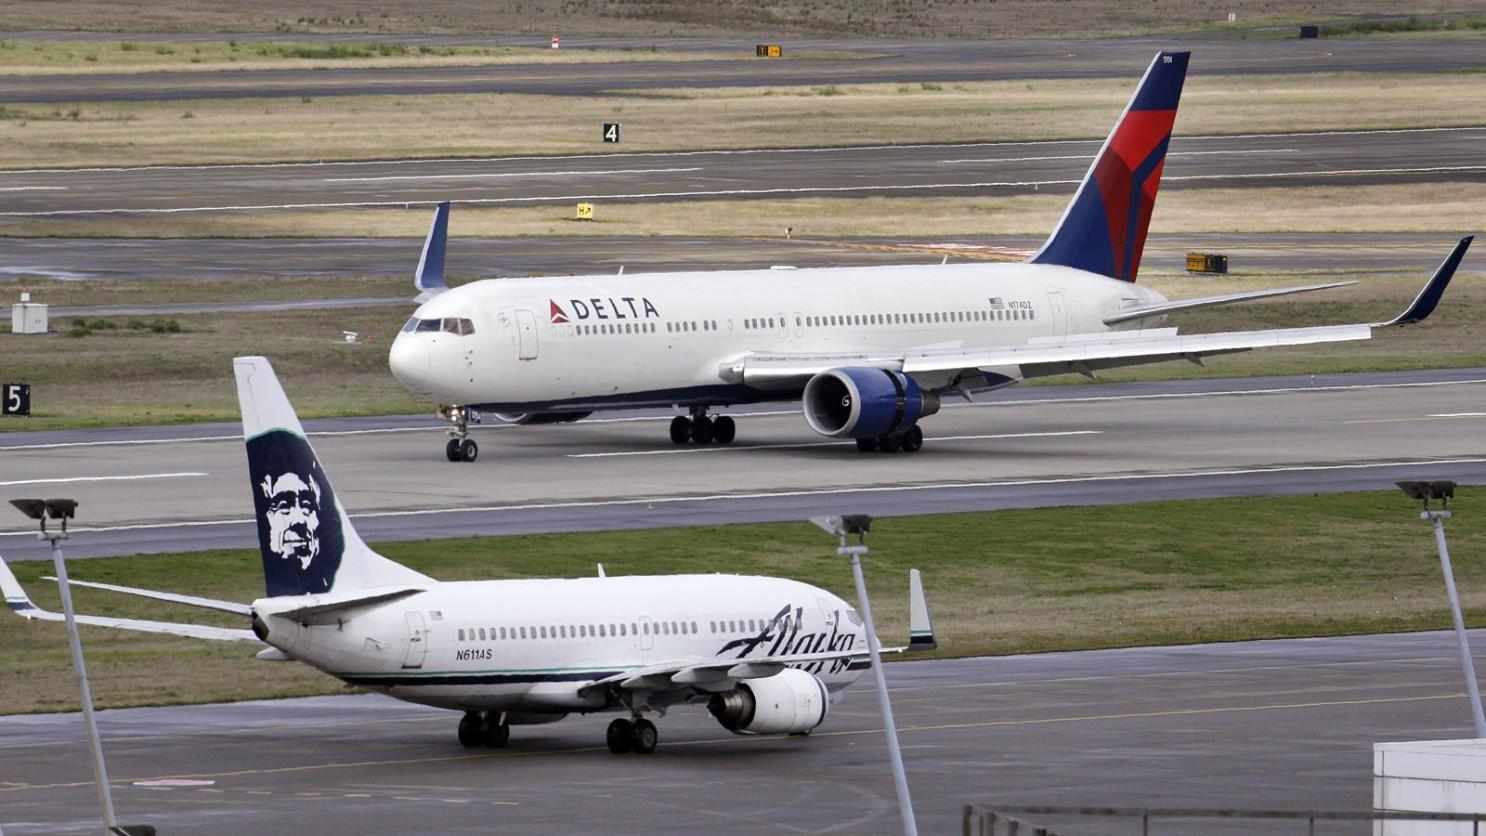 達美航空一架從洛杉磯起飛的班機因為一名男子突然失控而被迫改航降落。美聯社